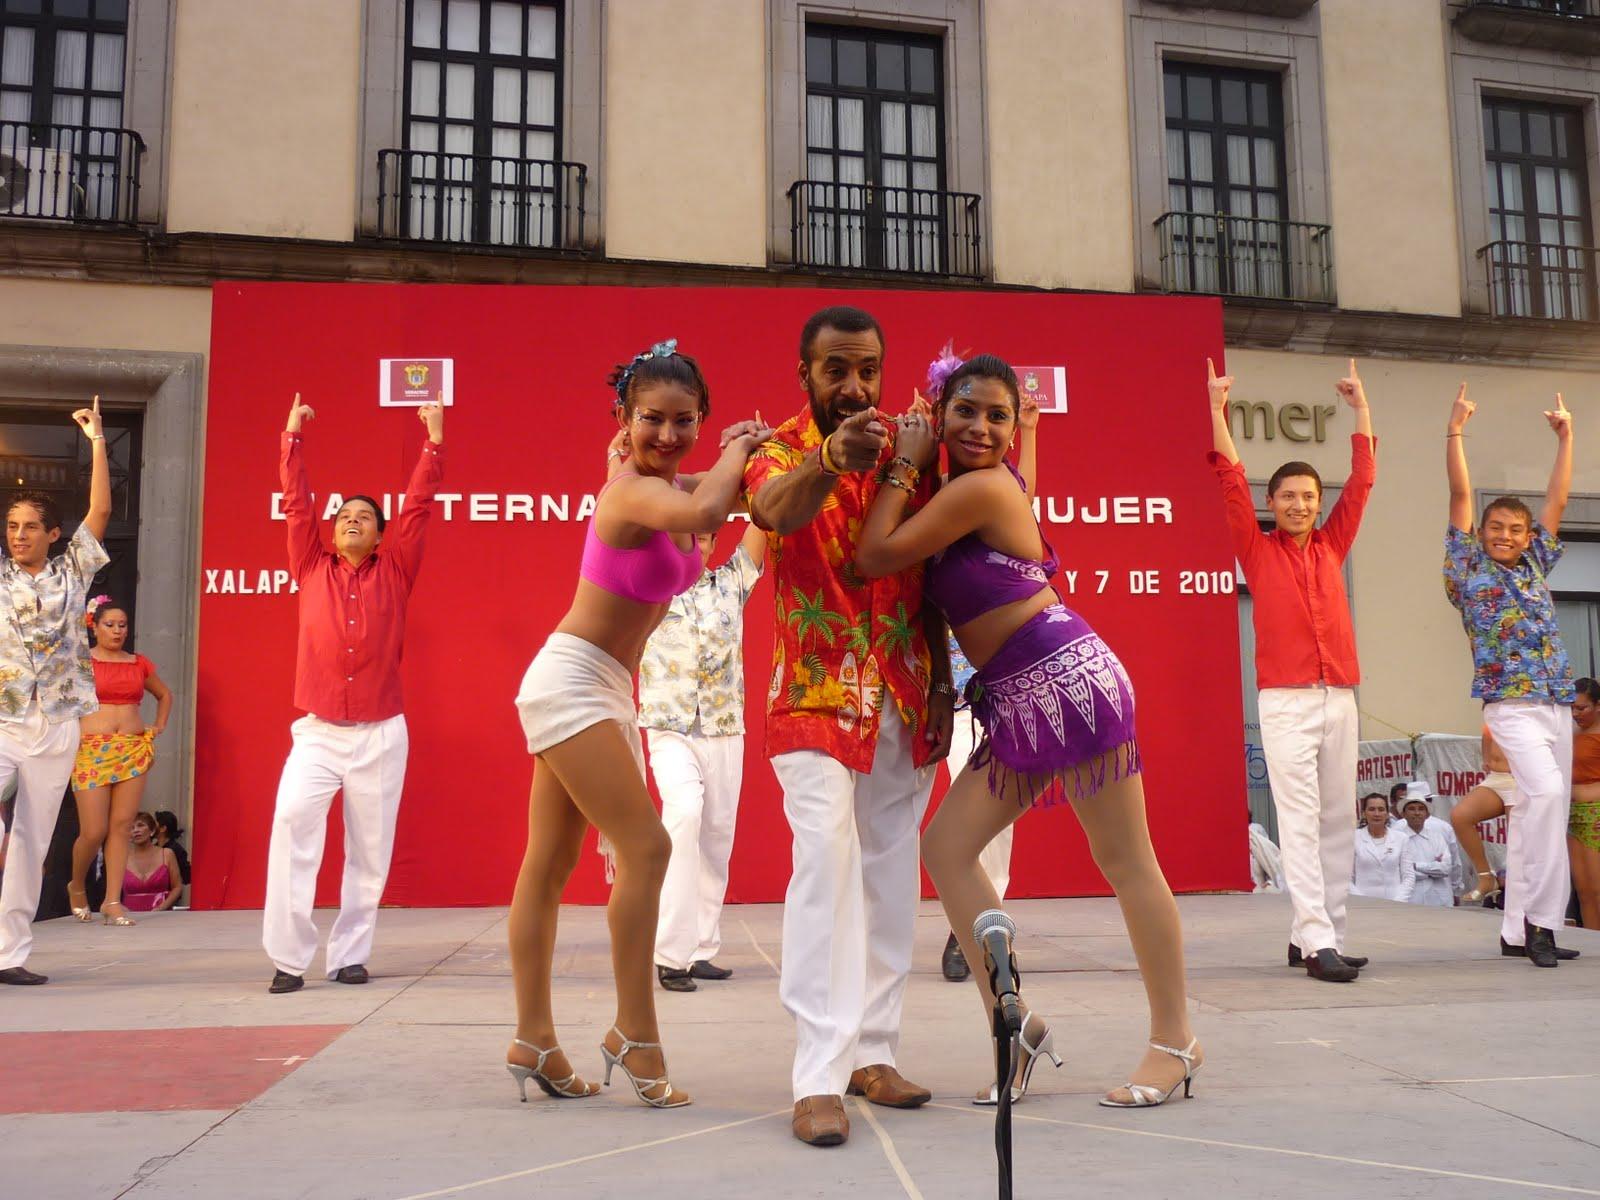 Dia de la mujer xalapa septiembre 2010 for Adolfo dominguez plaza americas xalapa